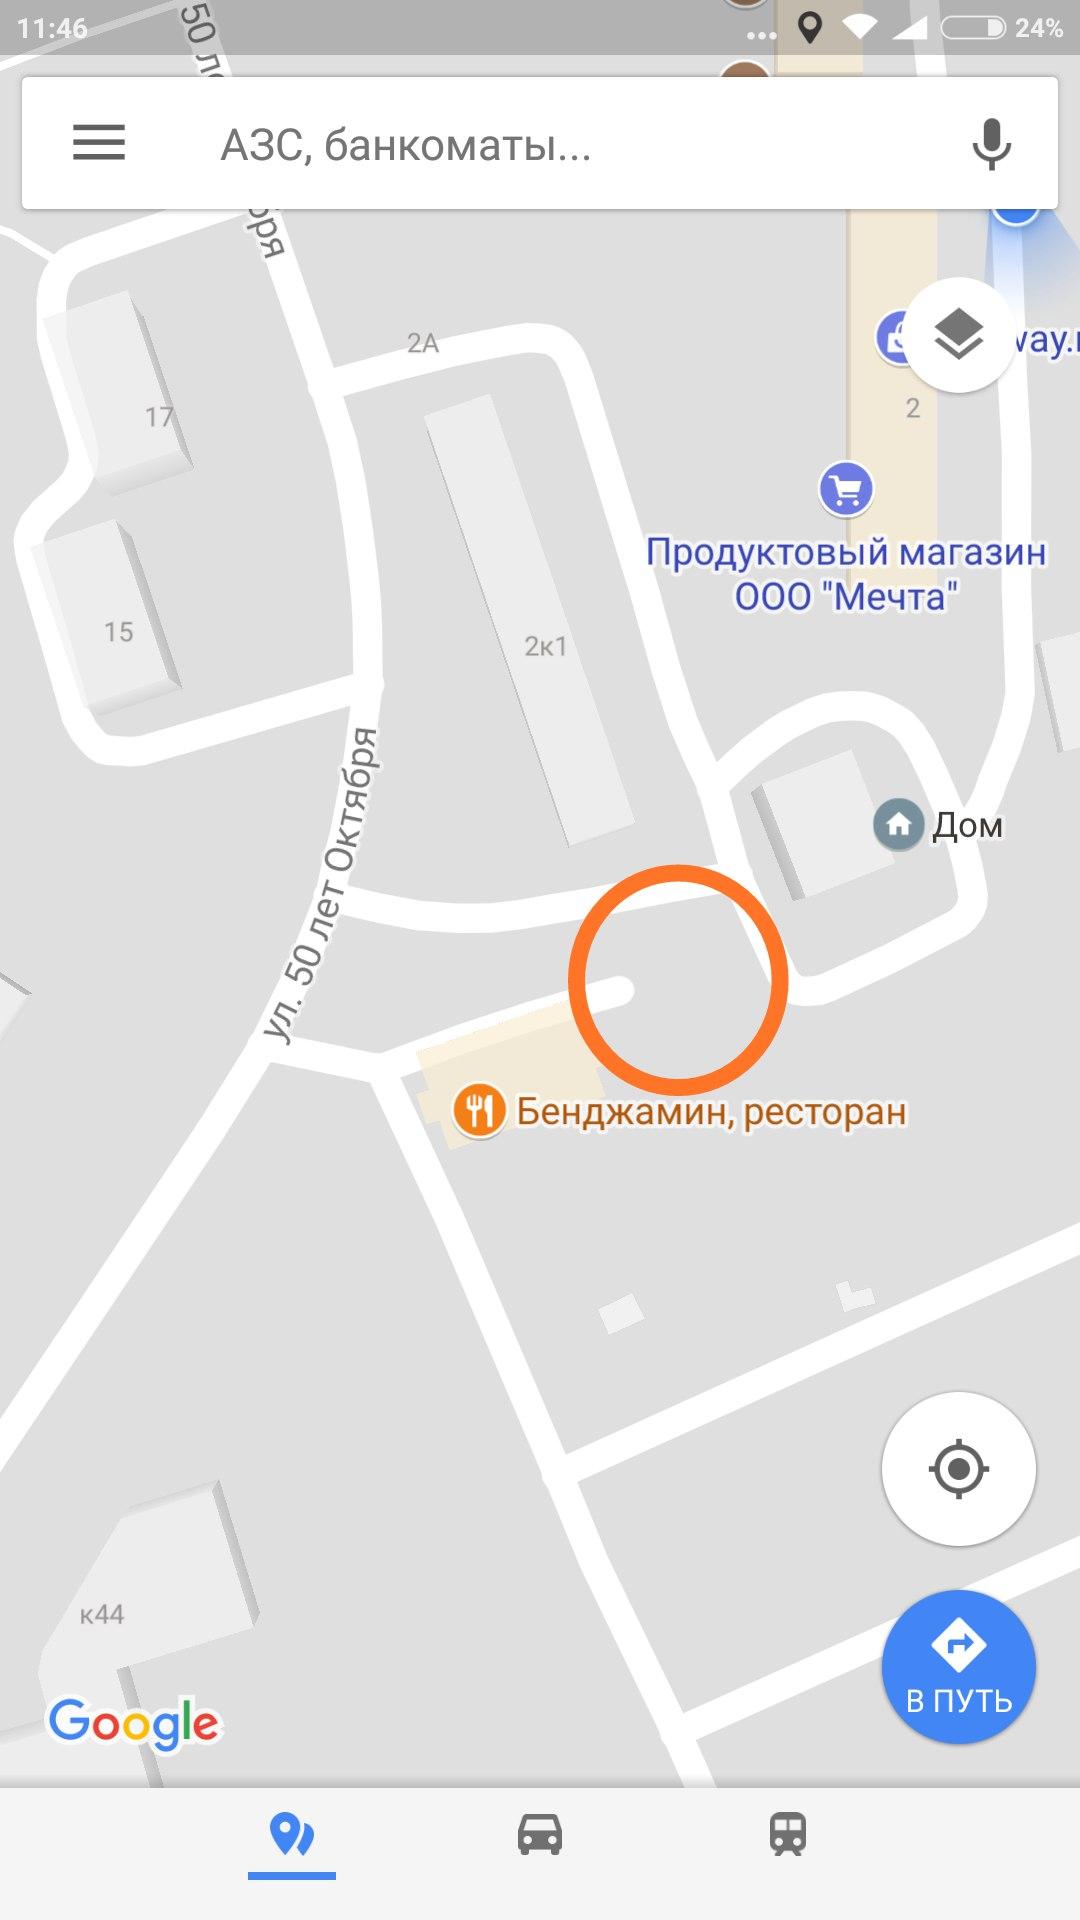 Изварино Марушкино Толстопальцево Лесной Городок (Киевское направление МО) CMqRu6-AcTk